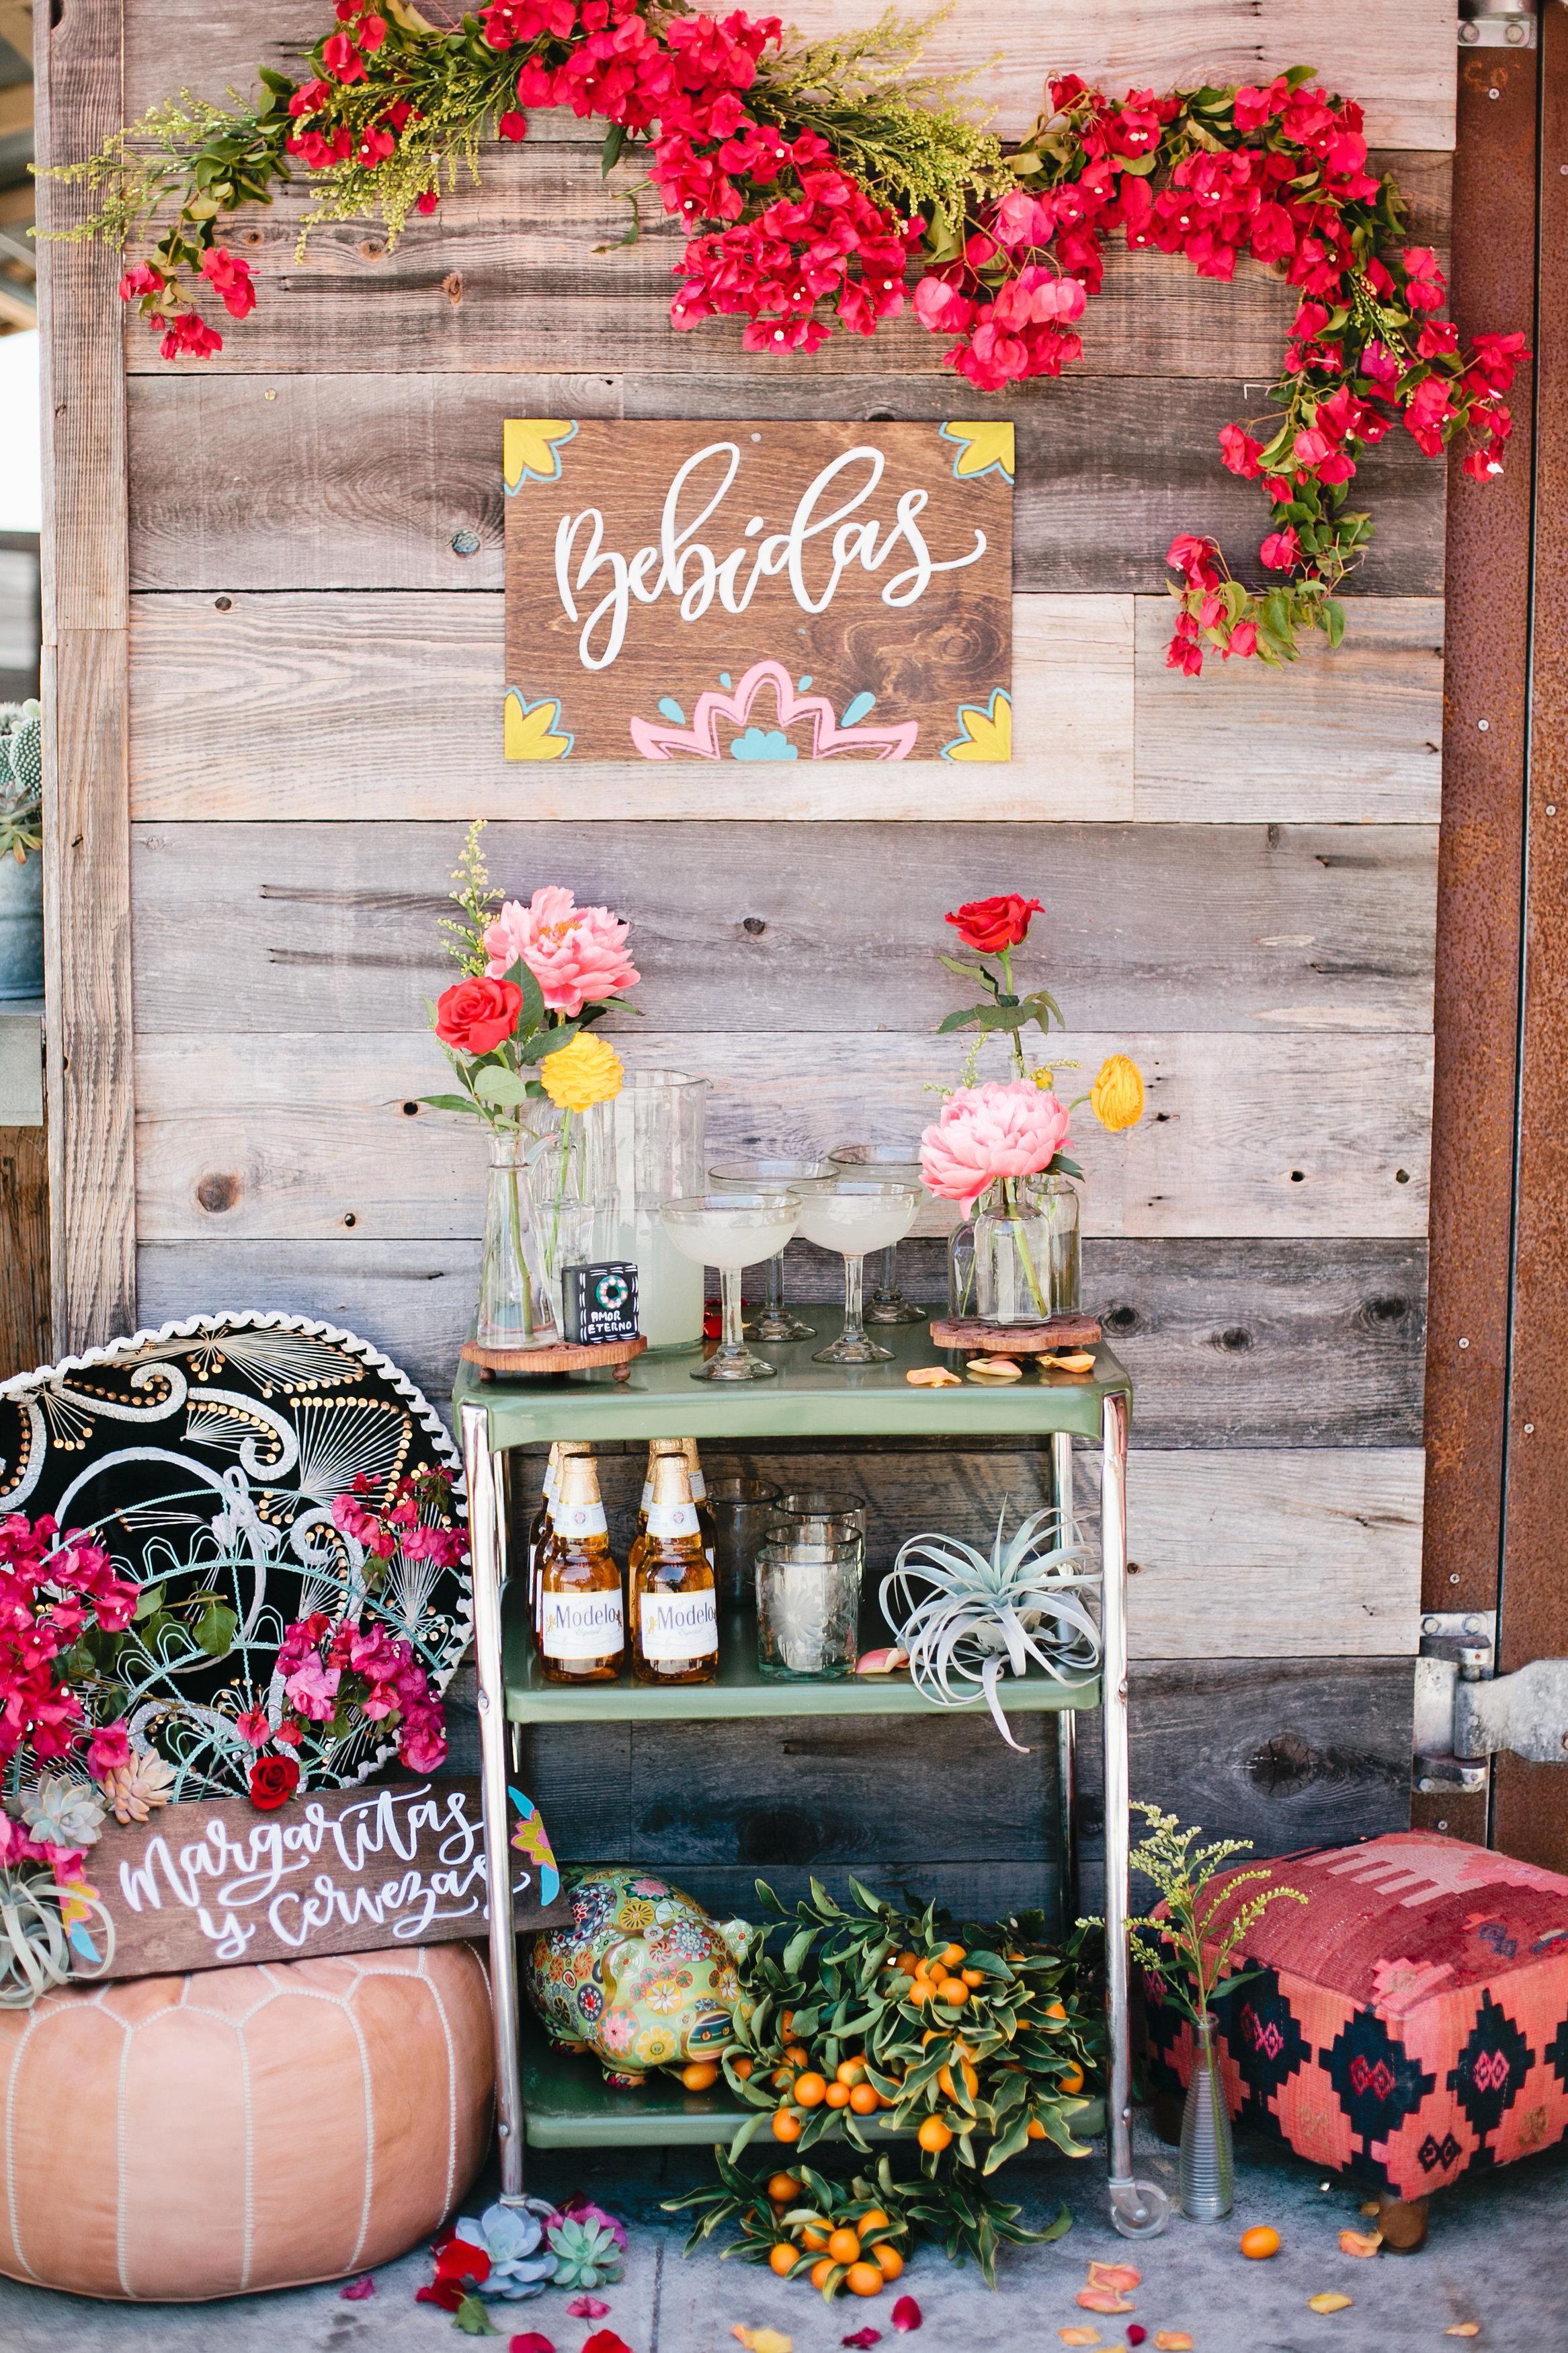 Margarita bar station